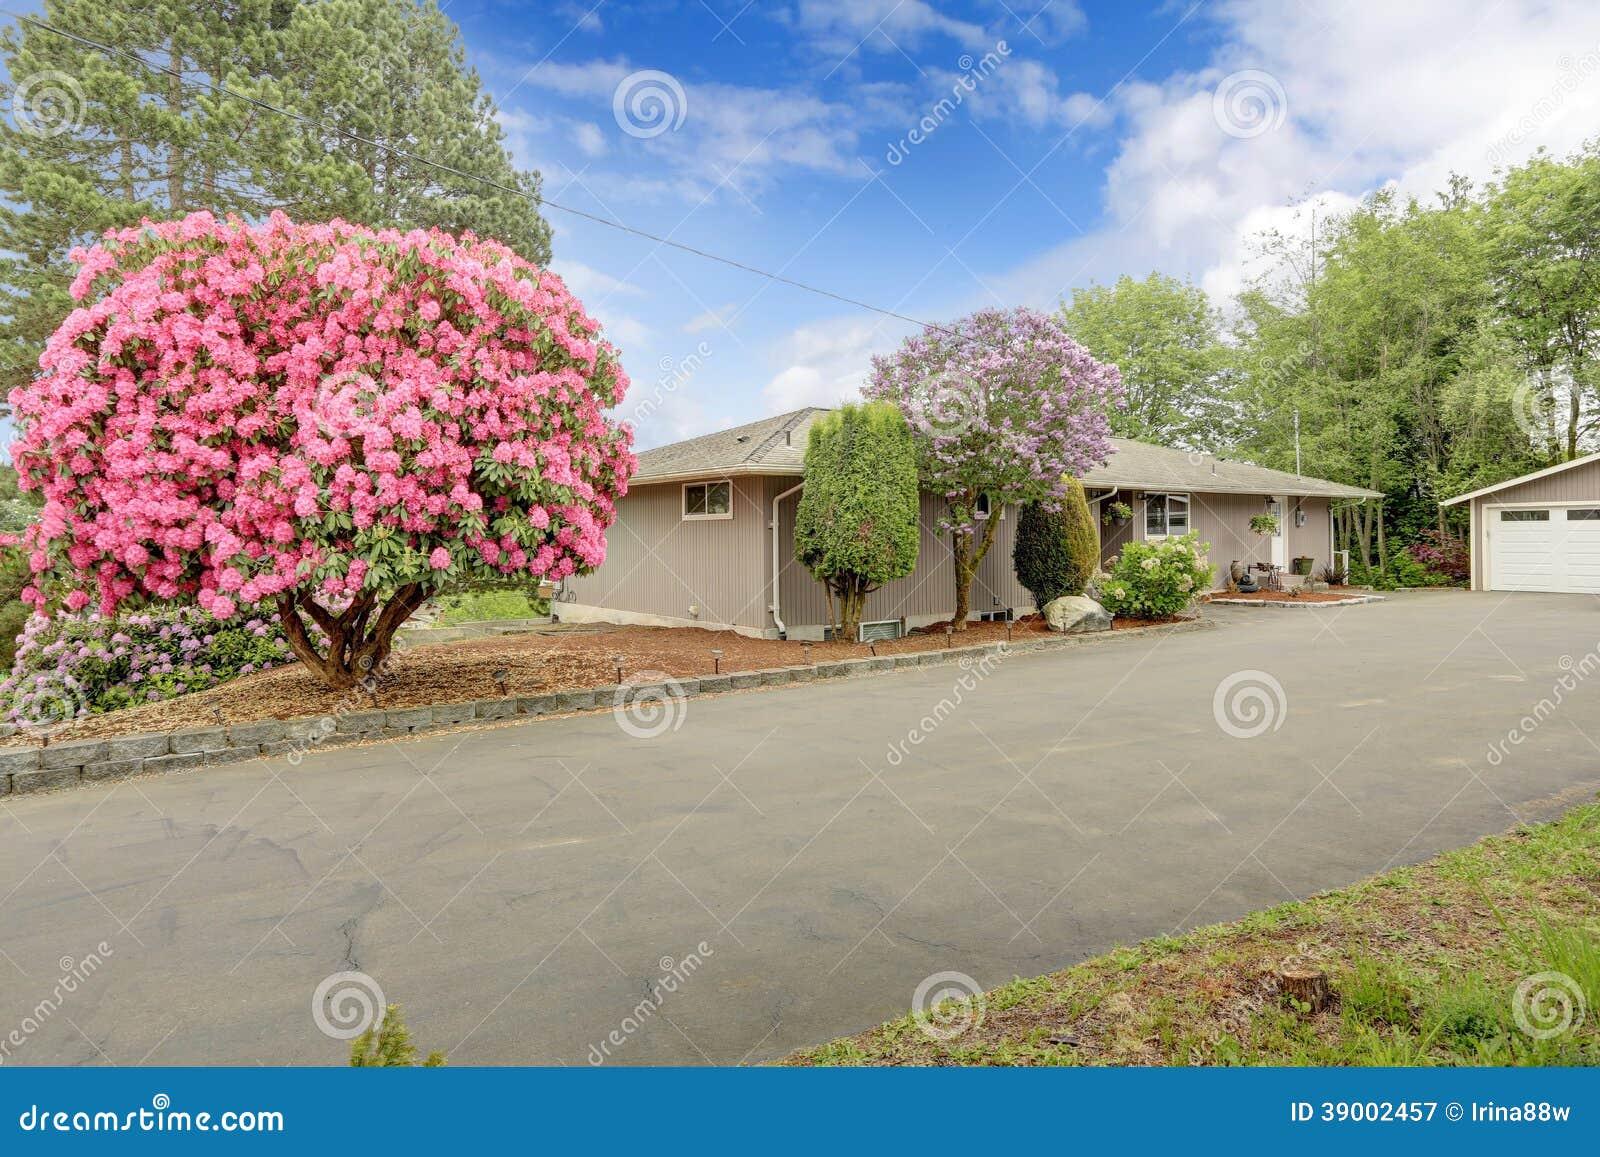 Huis met mooie bloeiende bomen stock foto afbeelding 39002457 - Mooie huis foto ...